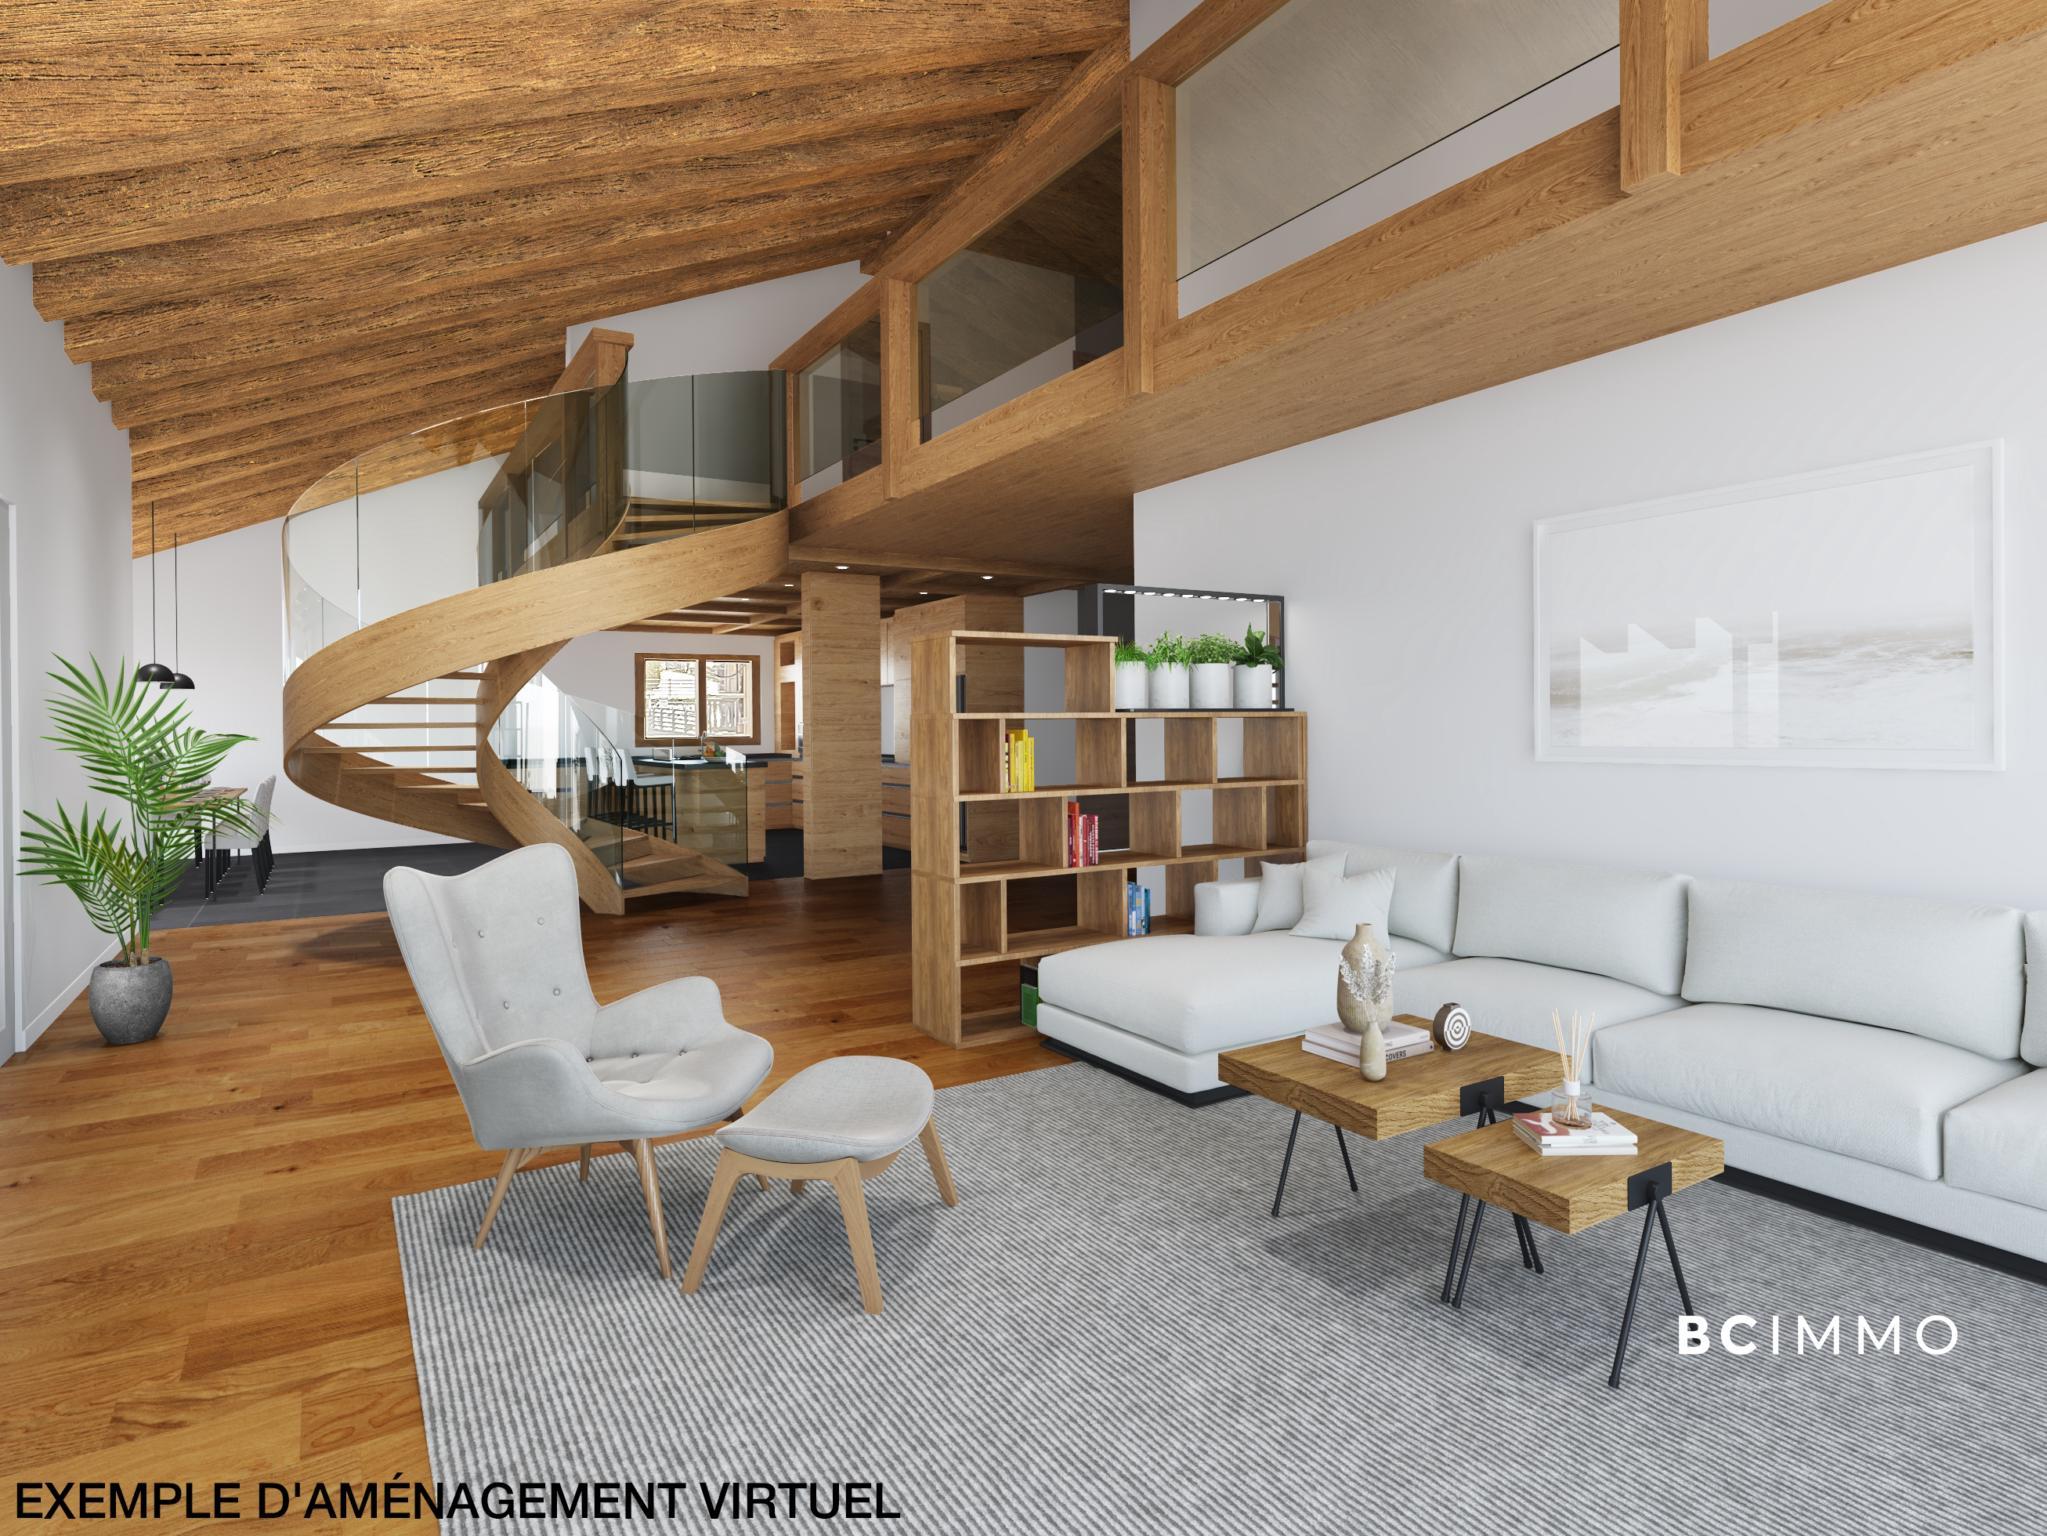 BC Immo - Luxueux appartement de 4.5 pièces à Crans-Montana - Les Mazots du Vallon - DCAMONT3